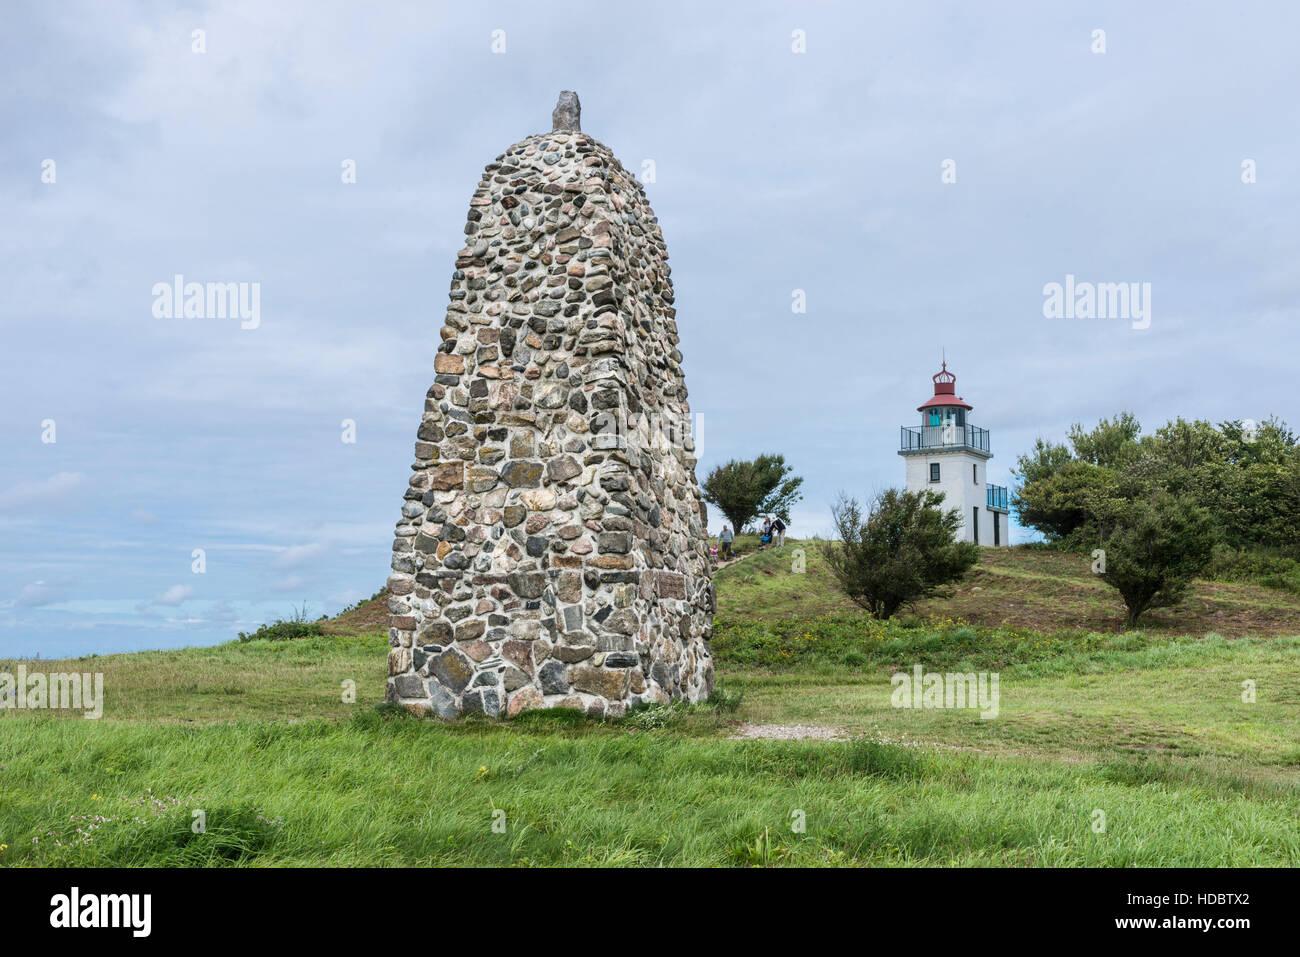 Memorial stone for polar explorer Knud Rasmussen, lighthouse behind, Hundested, Capital Region of Denmark, Denmark - Stock Image